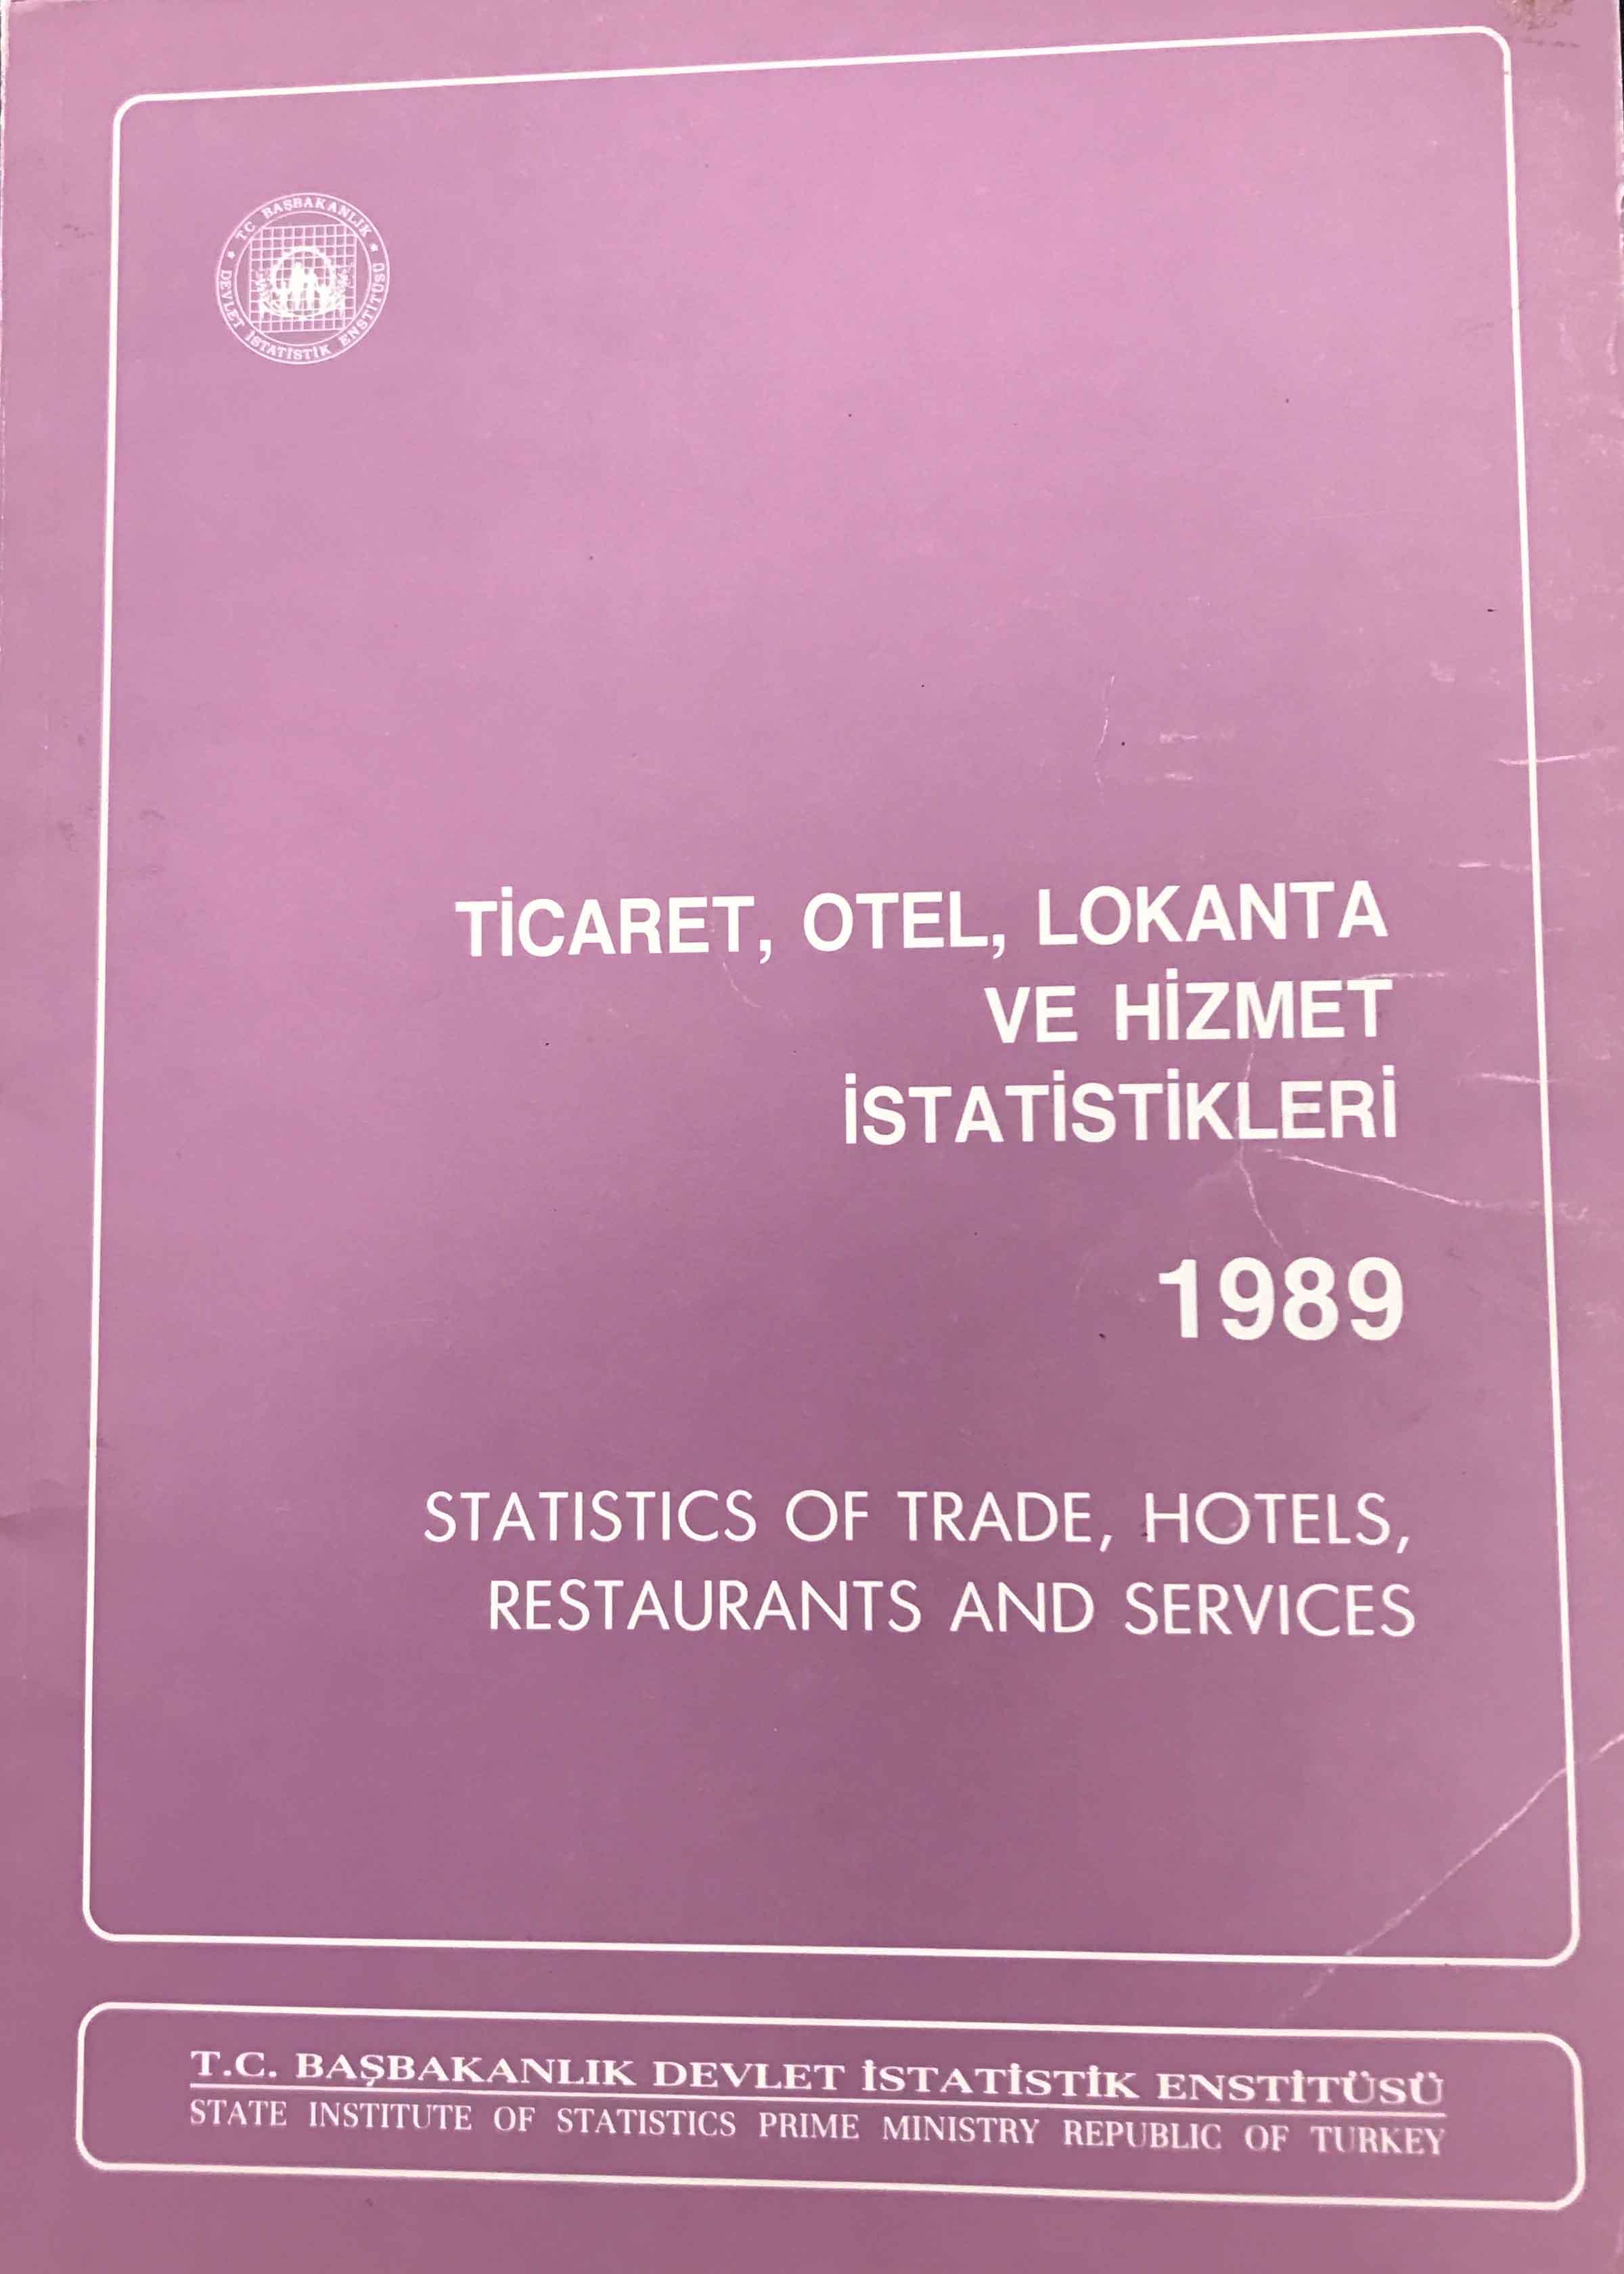 Ticaret, Otel, Lokanta ve Hizmet İstatistikleri 1989 Kitap Kapağı